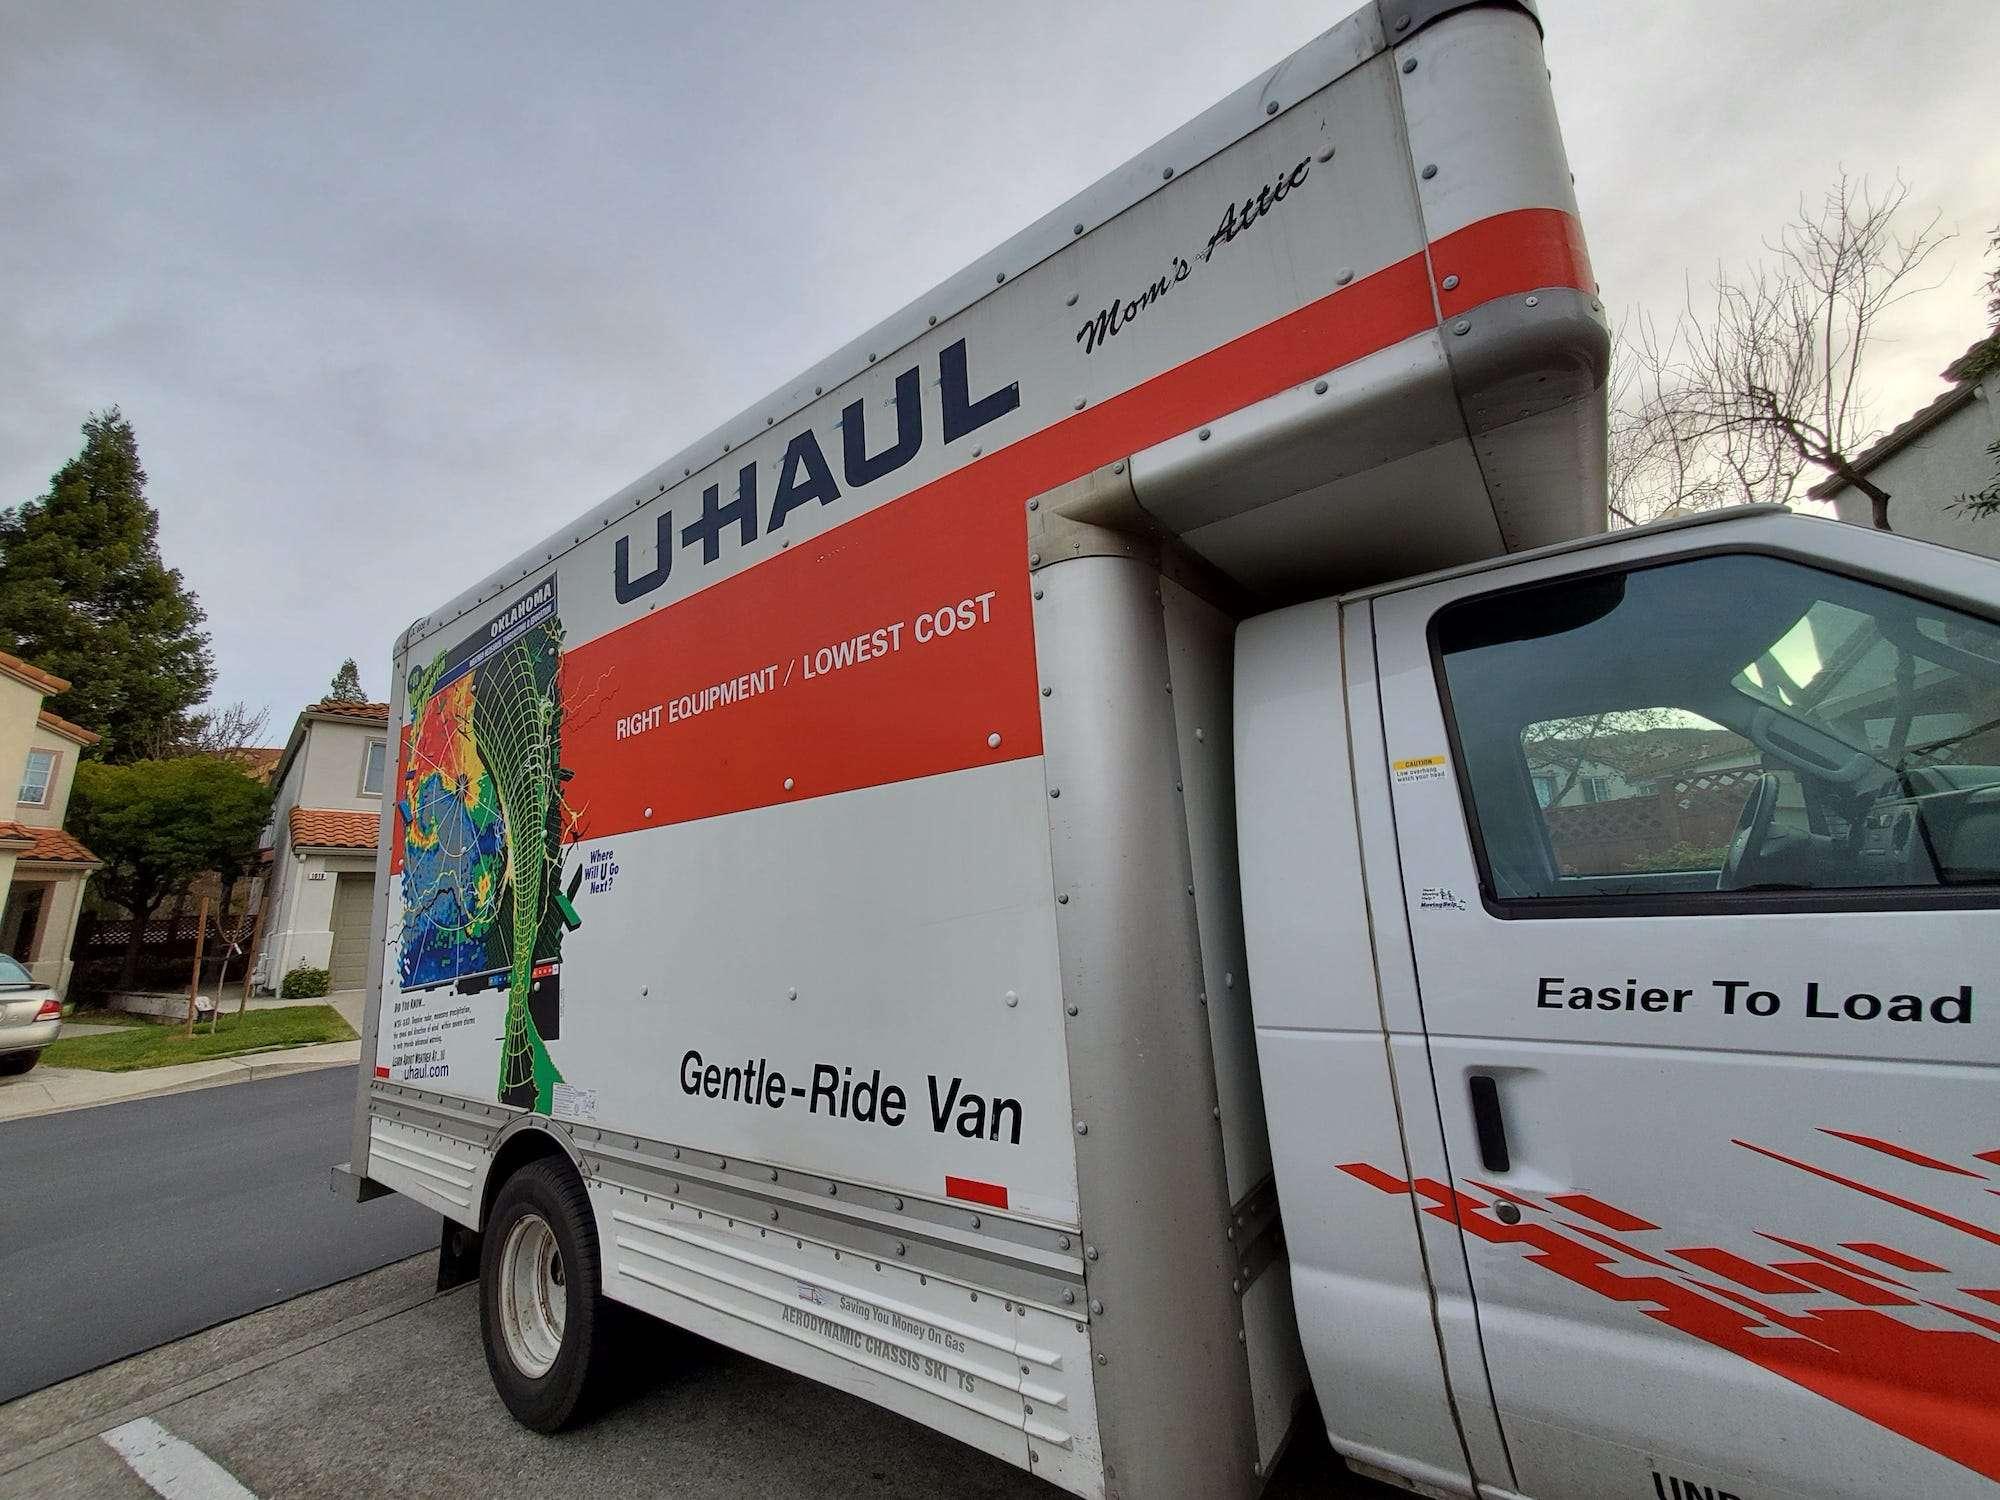 Uhaul truck rental near me open now